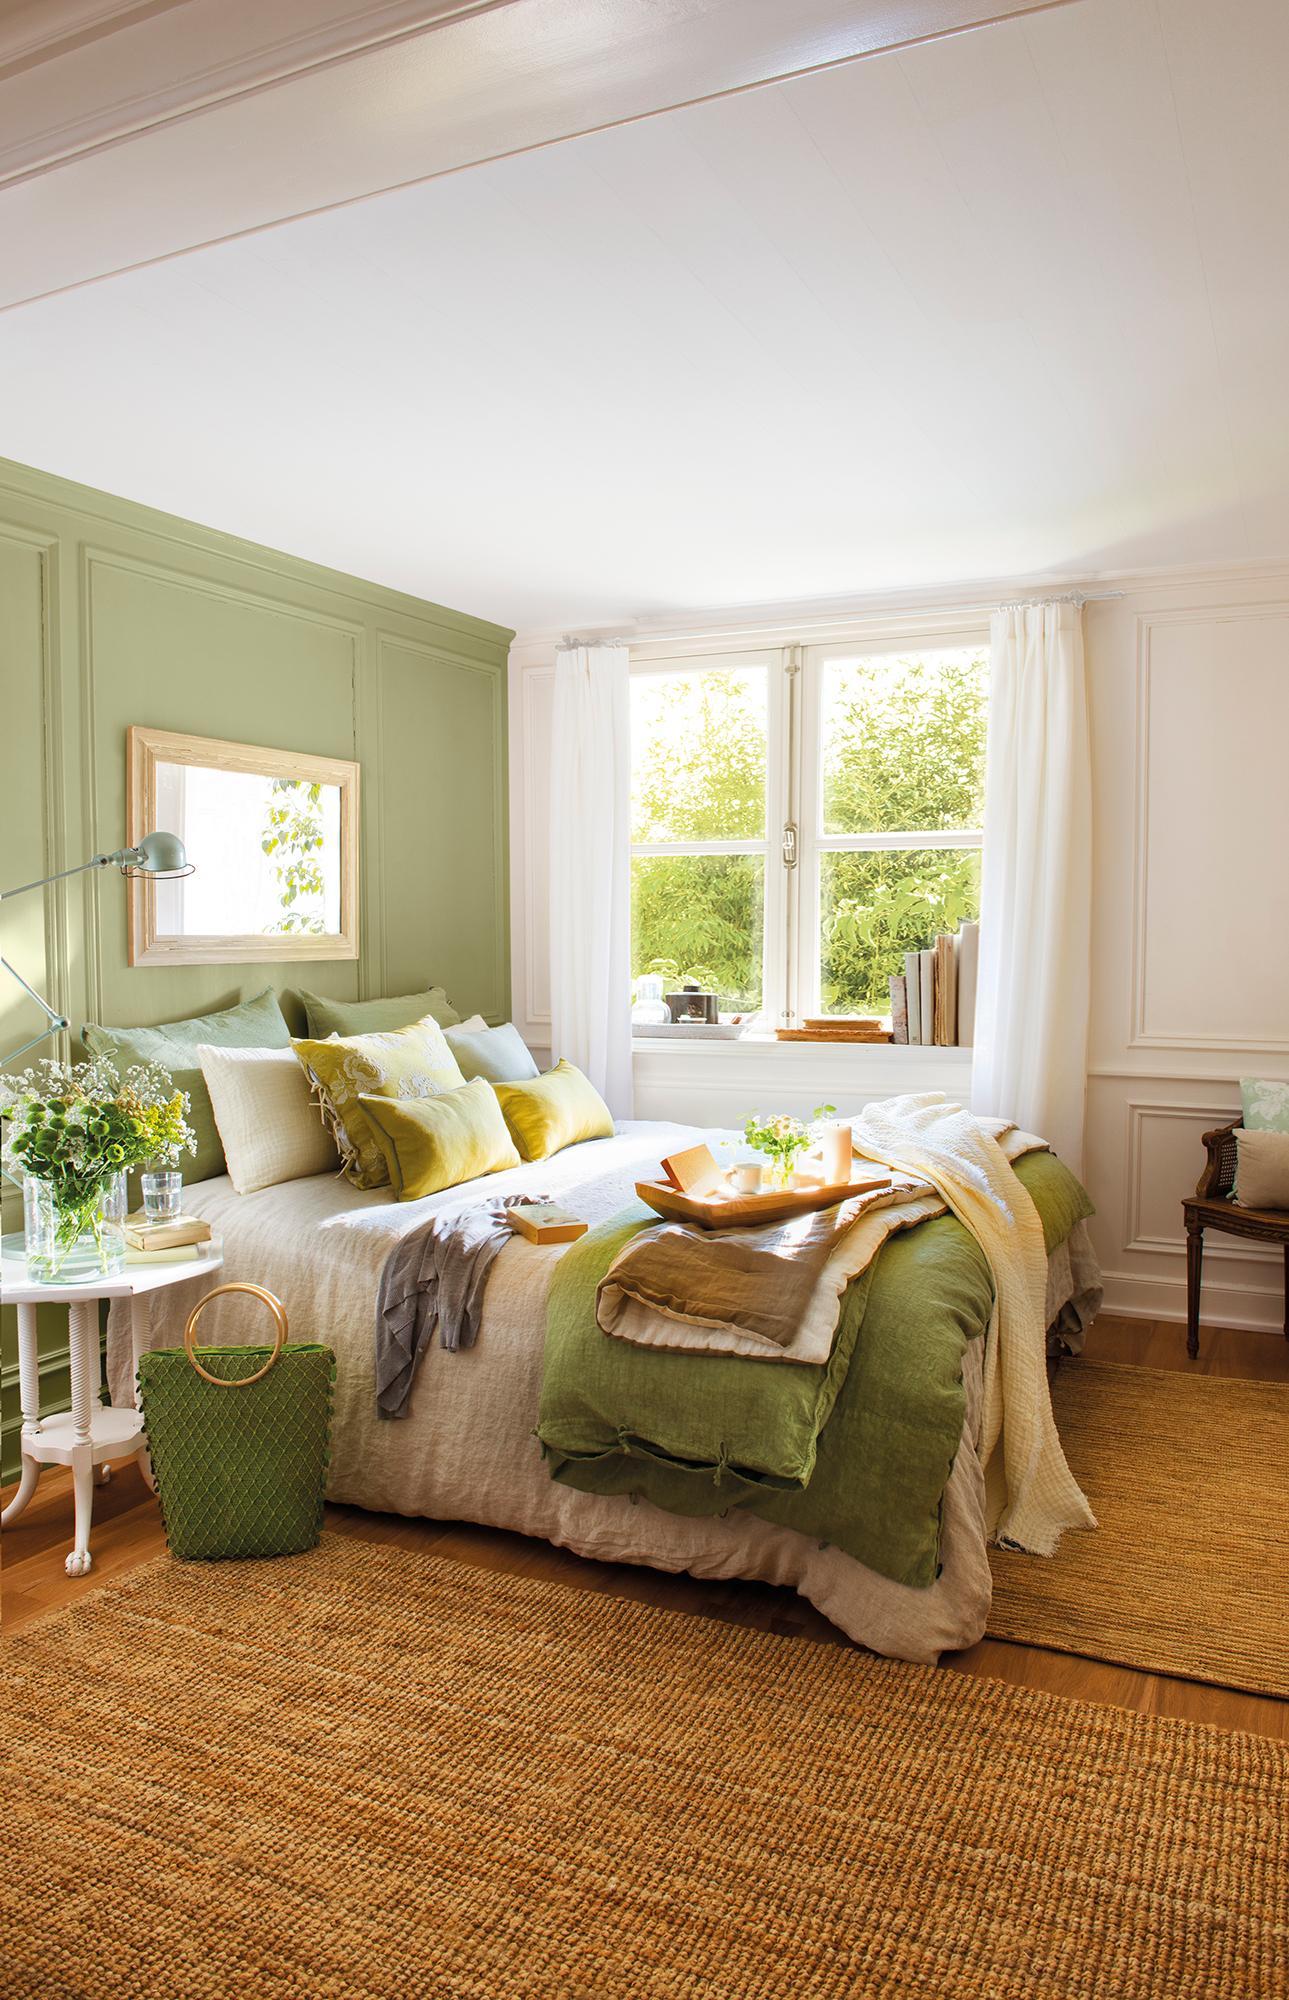 20 dormitorios de todos los estilos - Pared cabecero dormitorio ...